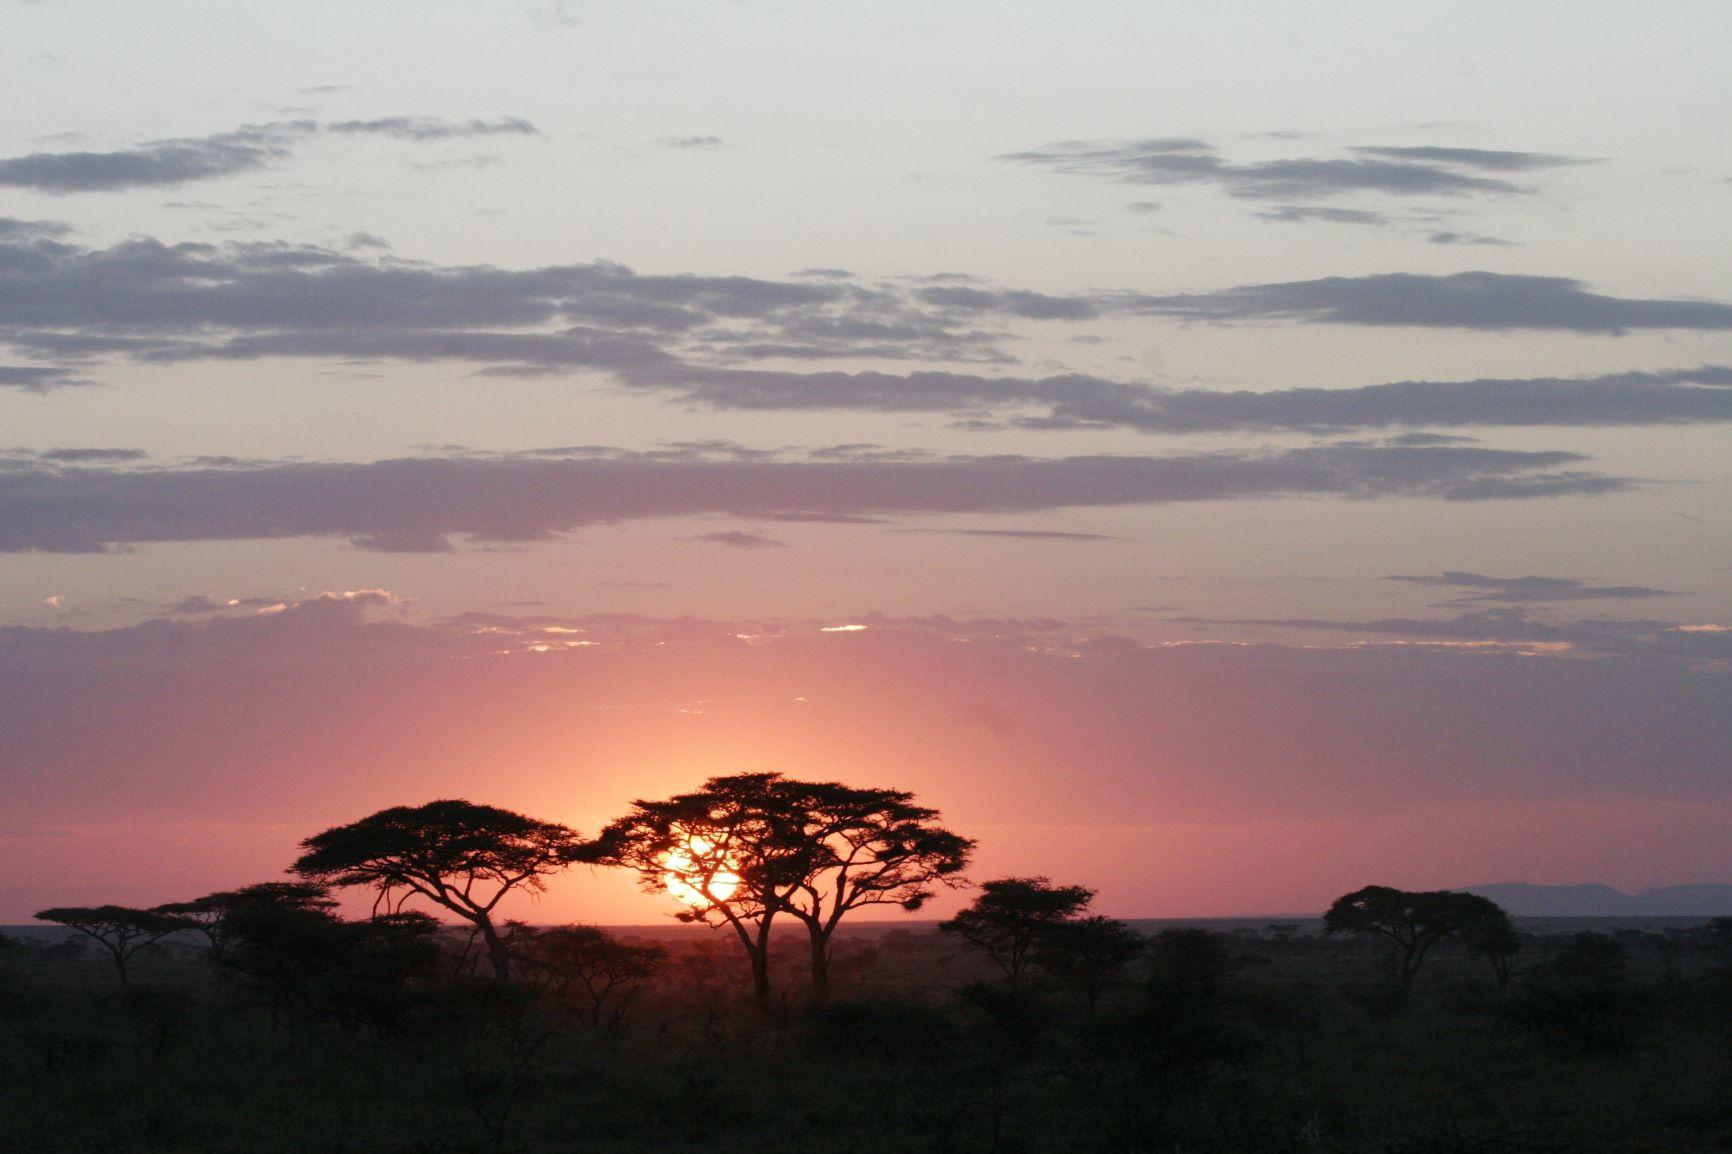 El corazón de África. Tanzania. NUBA everywhere. Atardecer